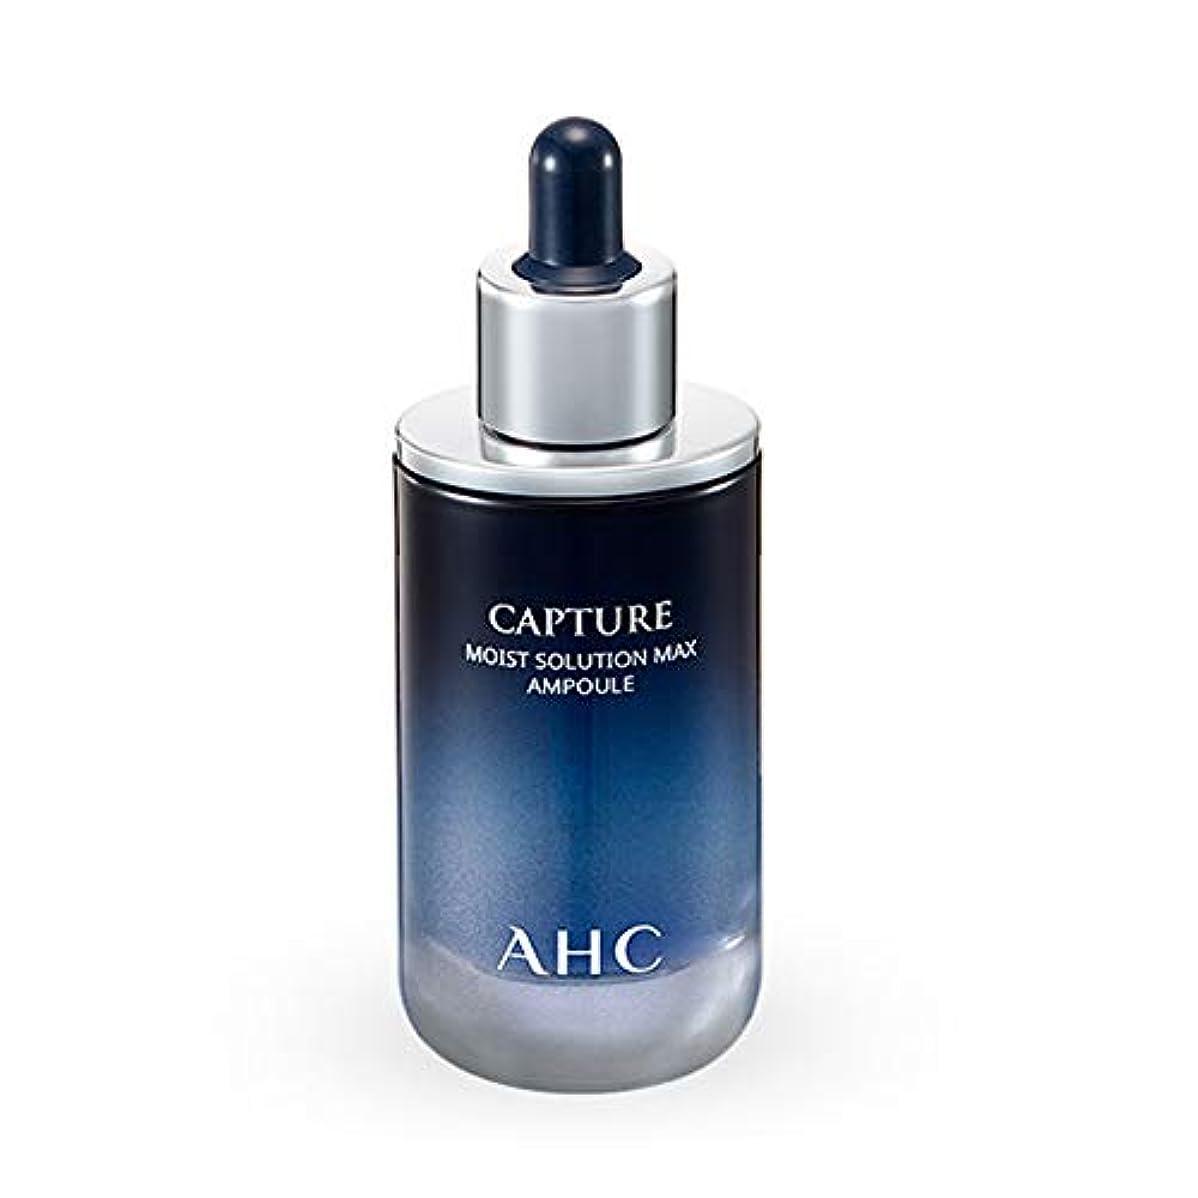 複雑な気分が良いみなすAHC(エーエイチシー) キャプチャーモイスト ソリューションマックスアンプル50ml2本セット